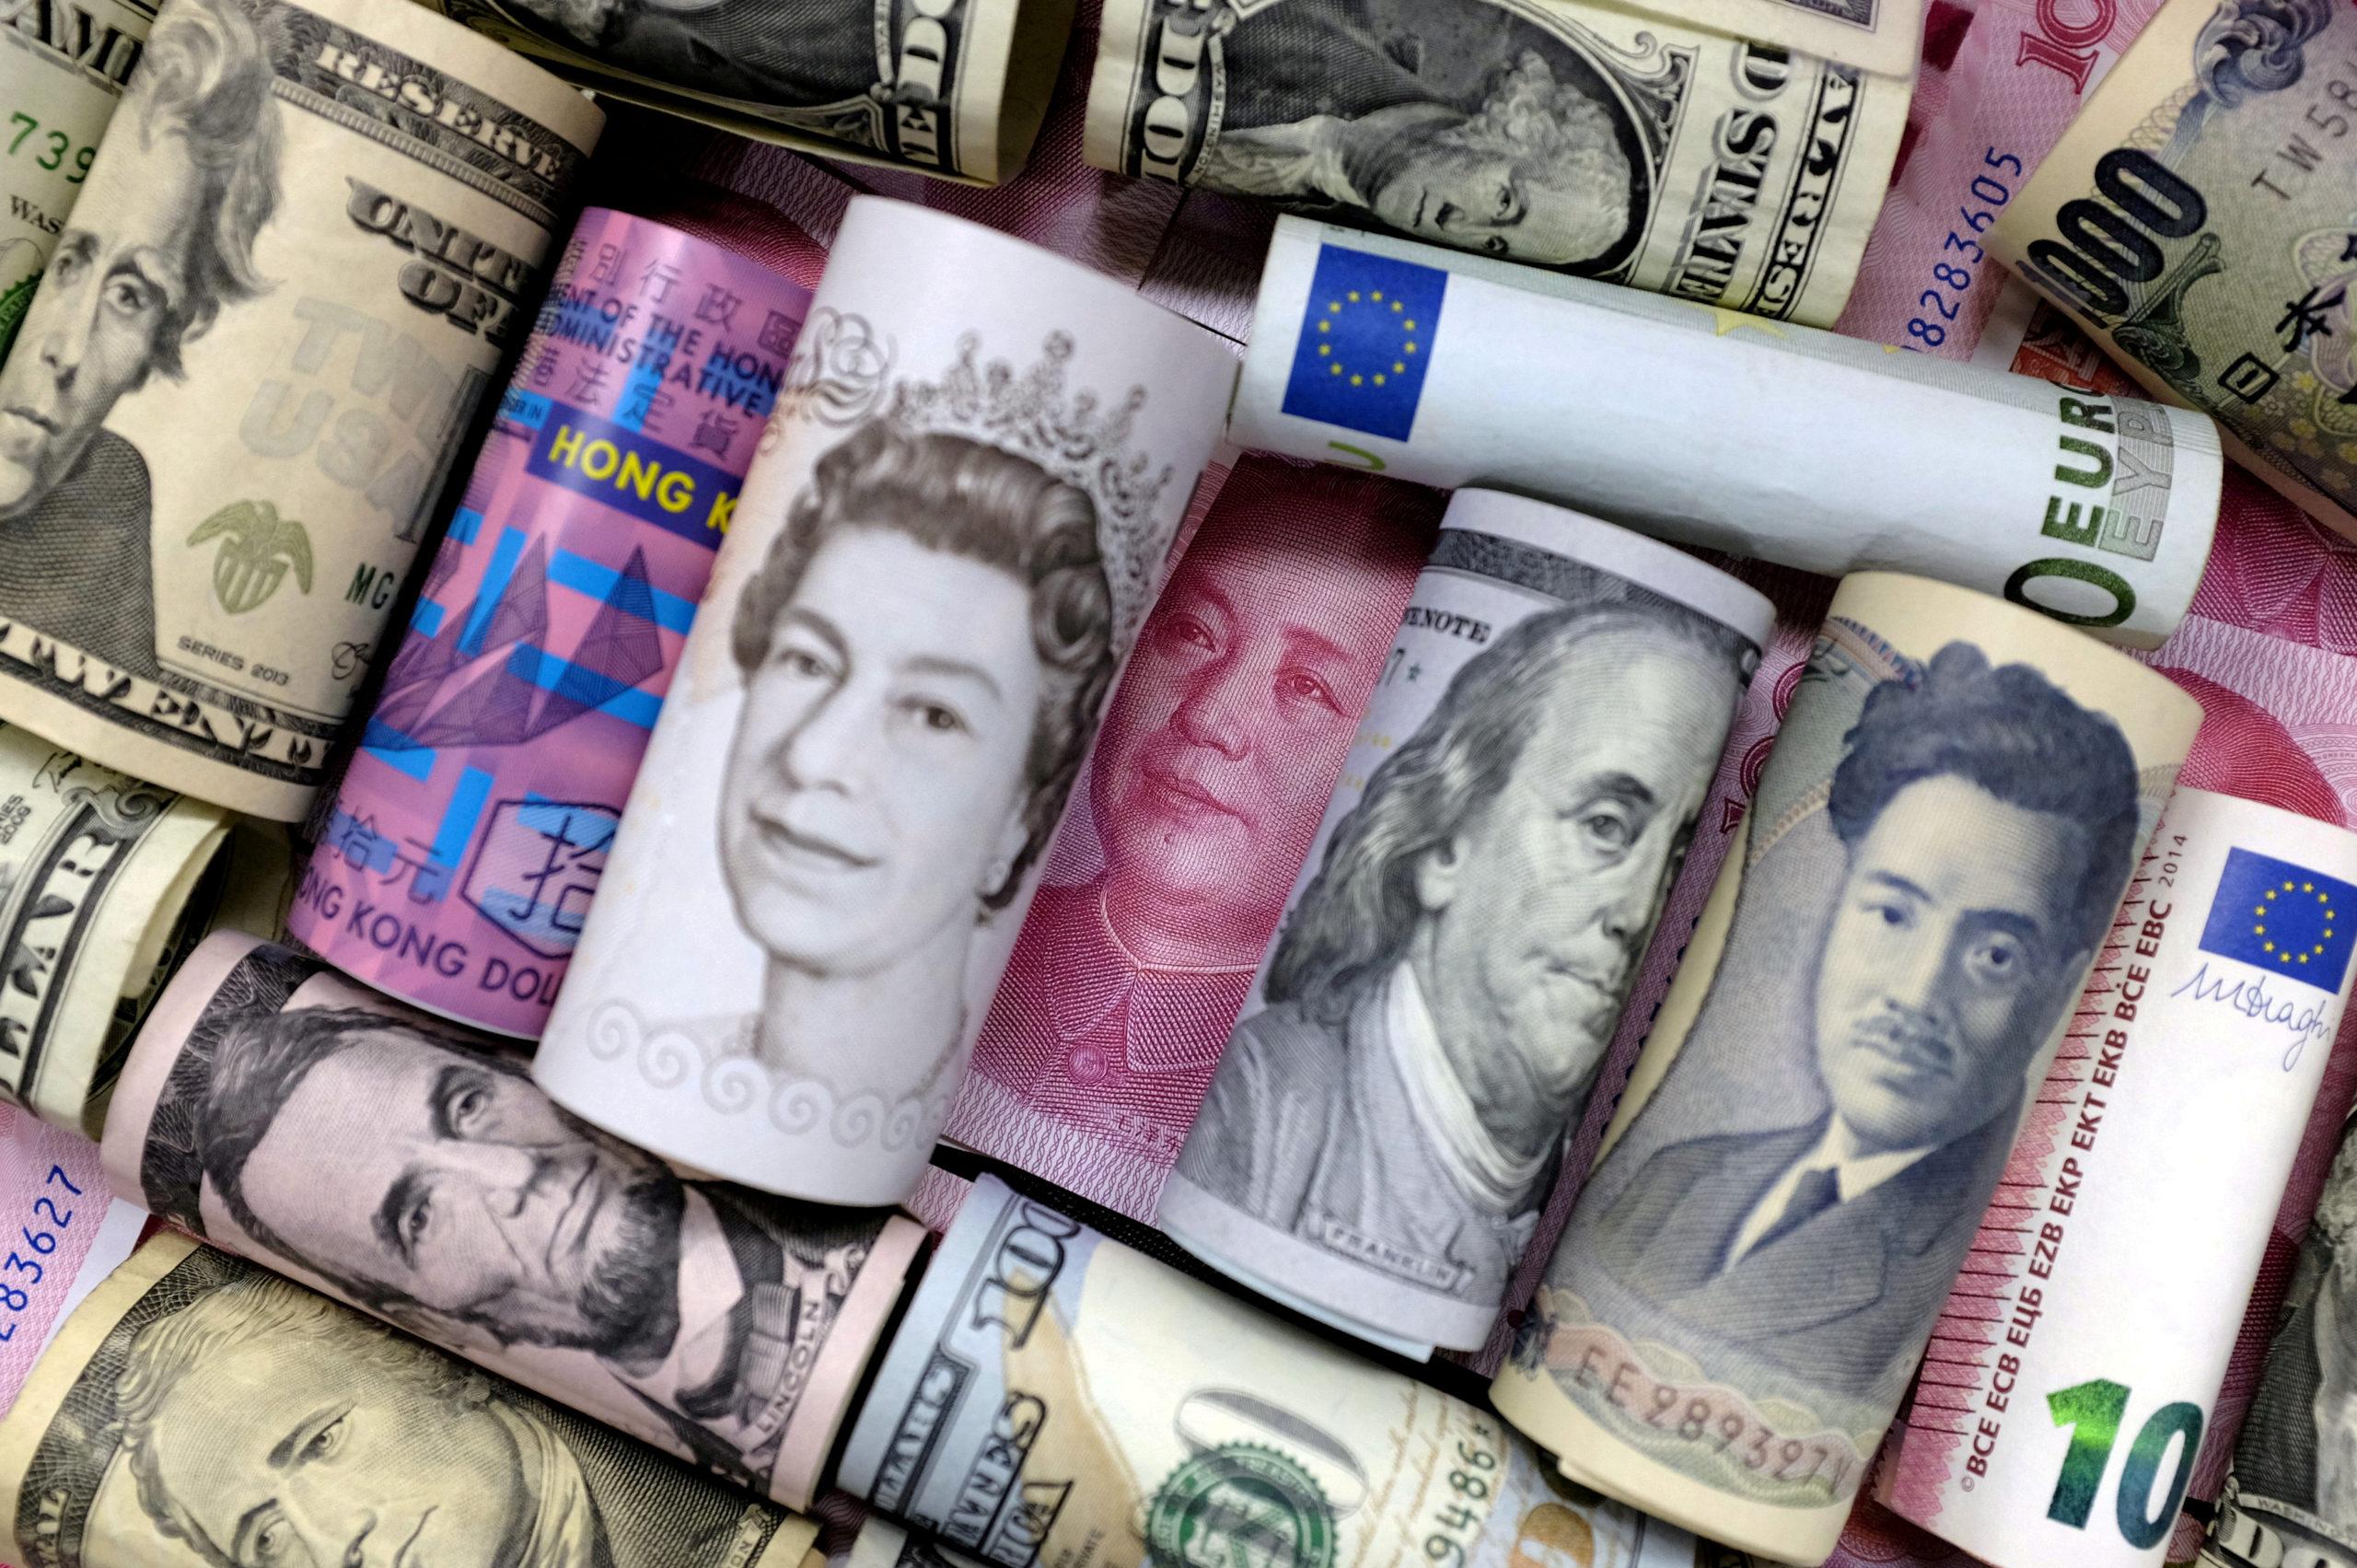 L'ensemble de la dette mondiale devrait dépasser 255.000 milliards de dollars (230.000 milliards d'euros) cette année selon des estimations de l'Institute of International Finance (IIF) publiées vendredi, soit près de 32.500 dollars pour chacun des 7,7 milliards d'humains vivant sur Terre. /Photo d'archives/REUTERS/Jason Lee